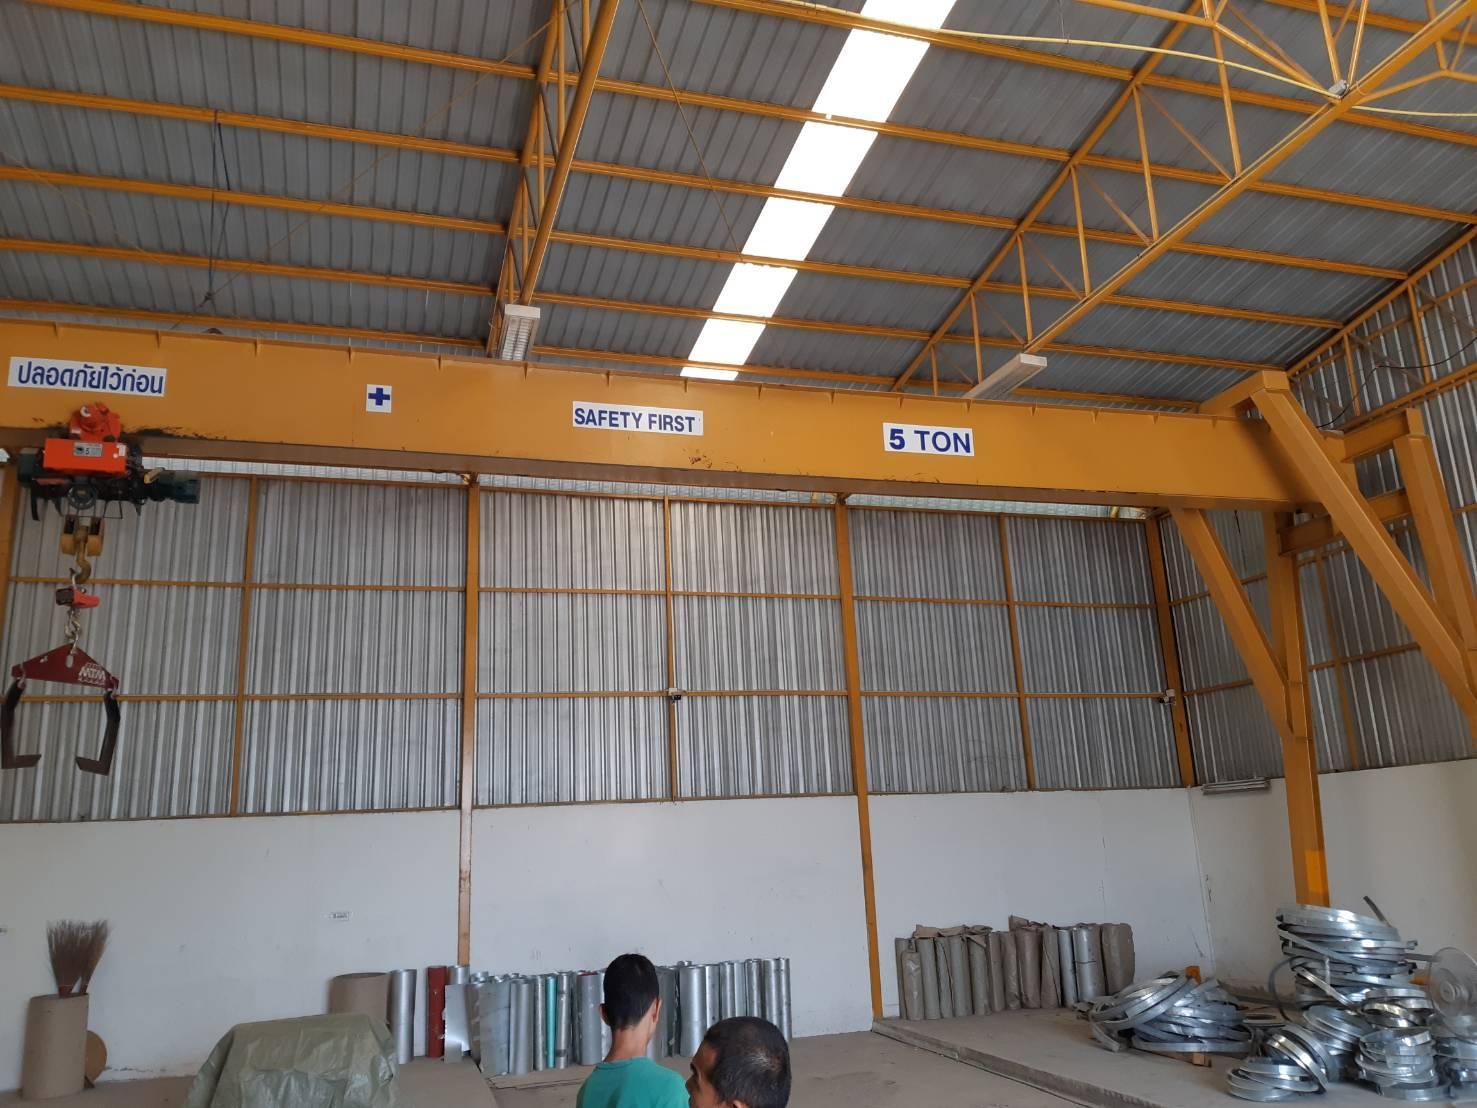 ขาย ออกแบบและติดตั้งเครนไฟฟ้าโรงงานยกของอุตสาหกรรม รอกไฟฟ้าโรงงานมือสอง ชุดขับเคลื่อนคานสะพานกลางเครนไฟฟ้า ส่วนประกอบเครนไฟฟ้า และอุปกรณ์เครนไฟฟ้า